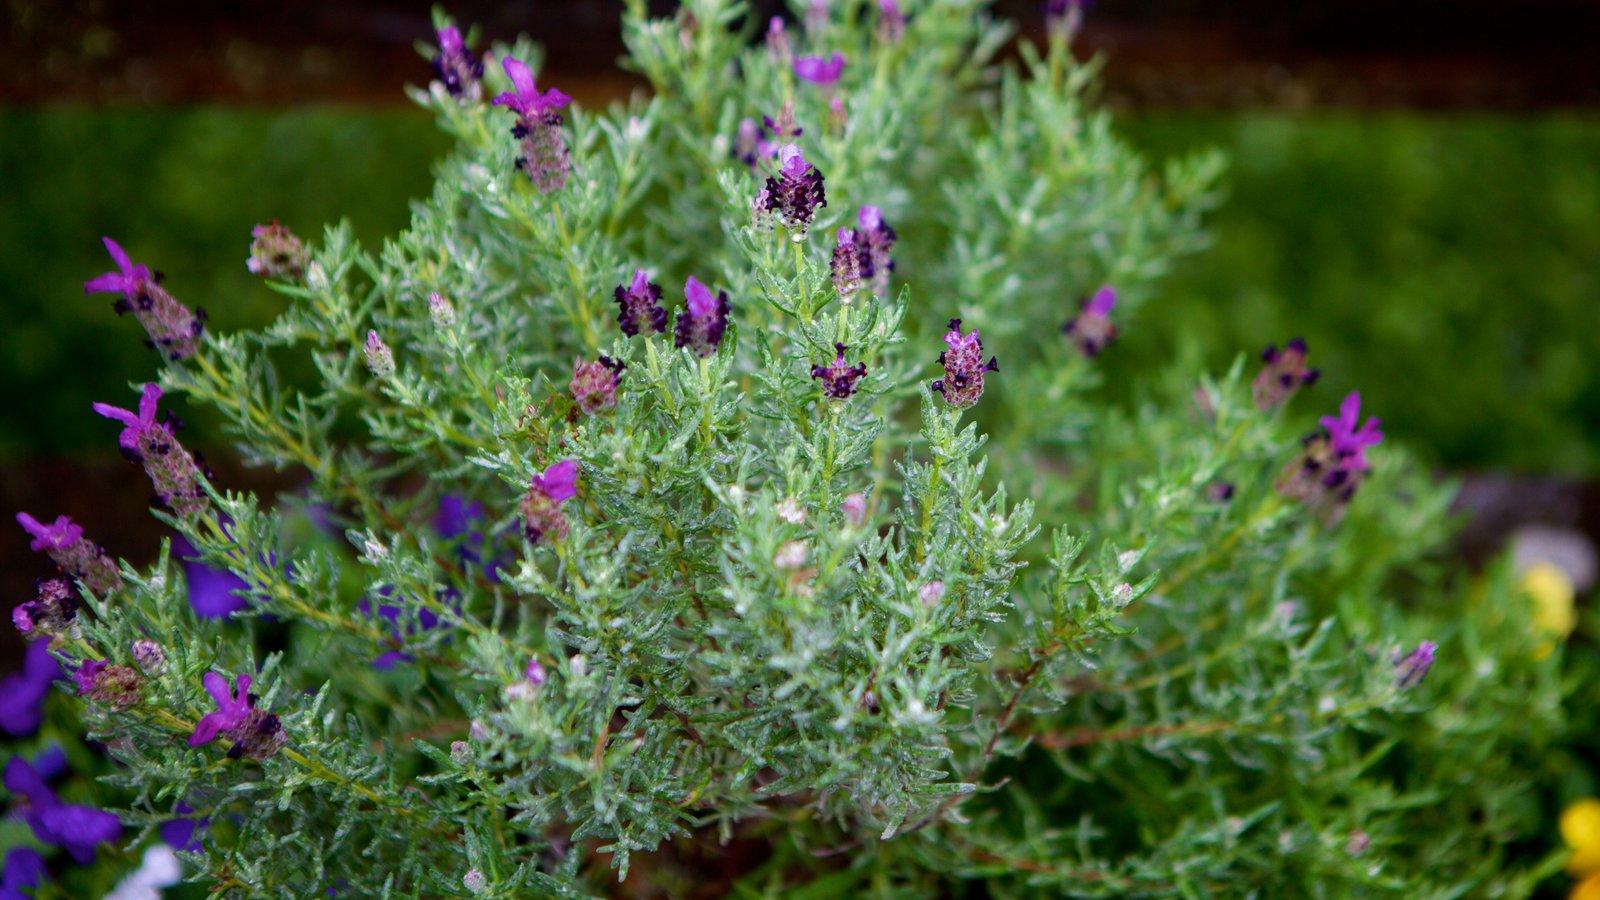 Le Jardin Parque de Lavanda caracterizando flores